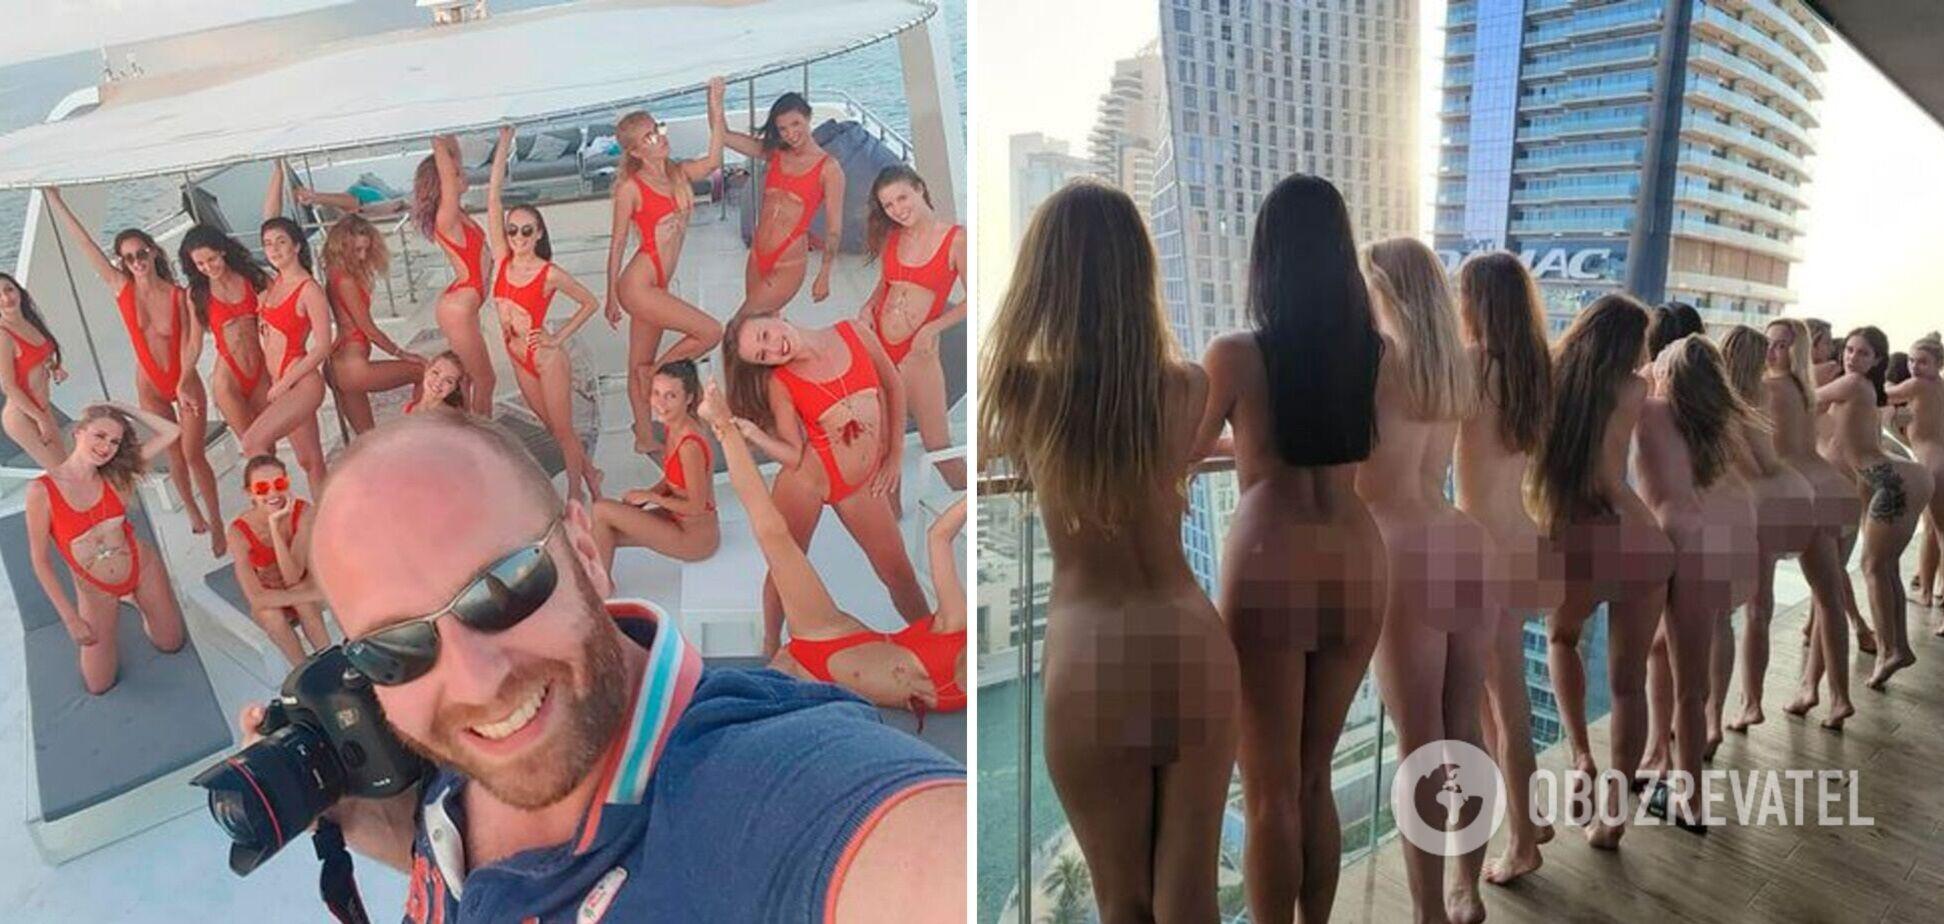 Організатор скандальної фотосесії в Дубаї виставив на аукціон ролик з тієї самої зйомки